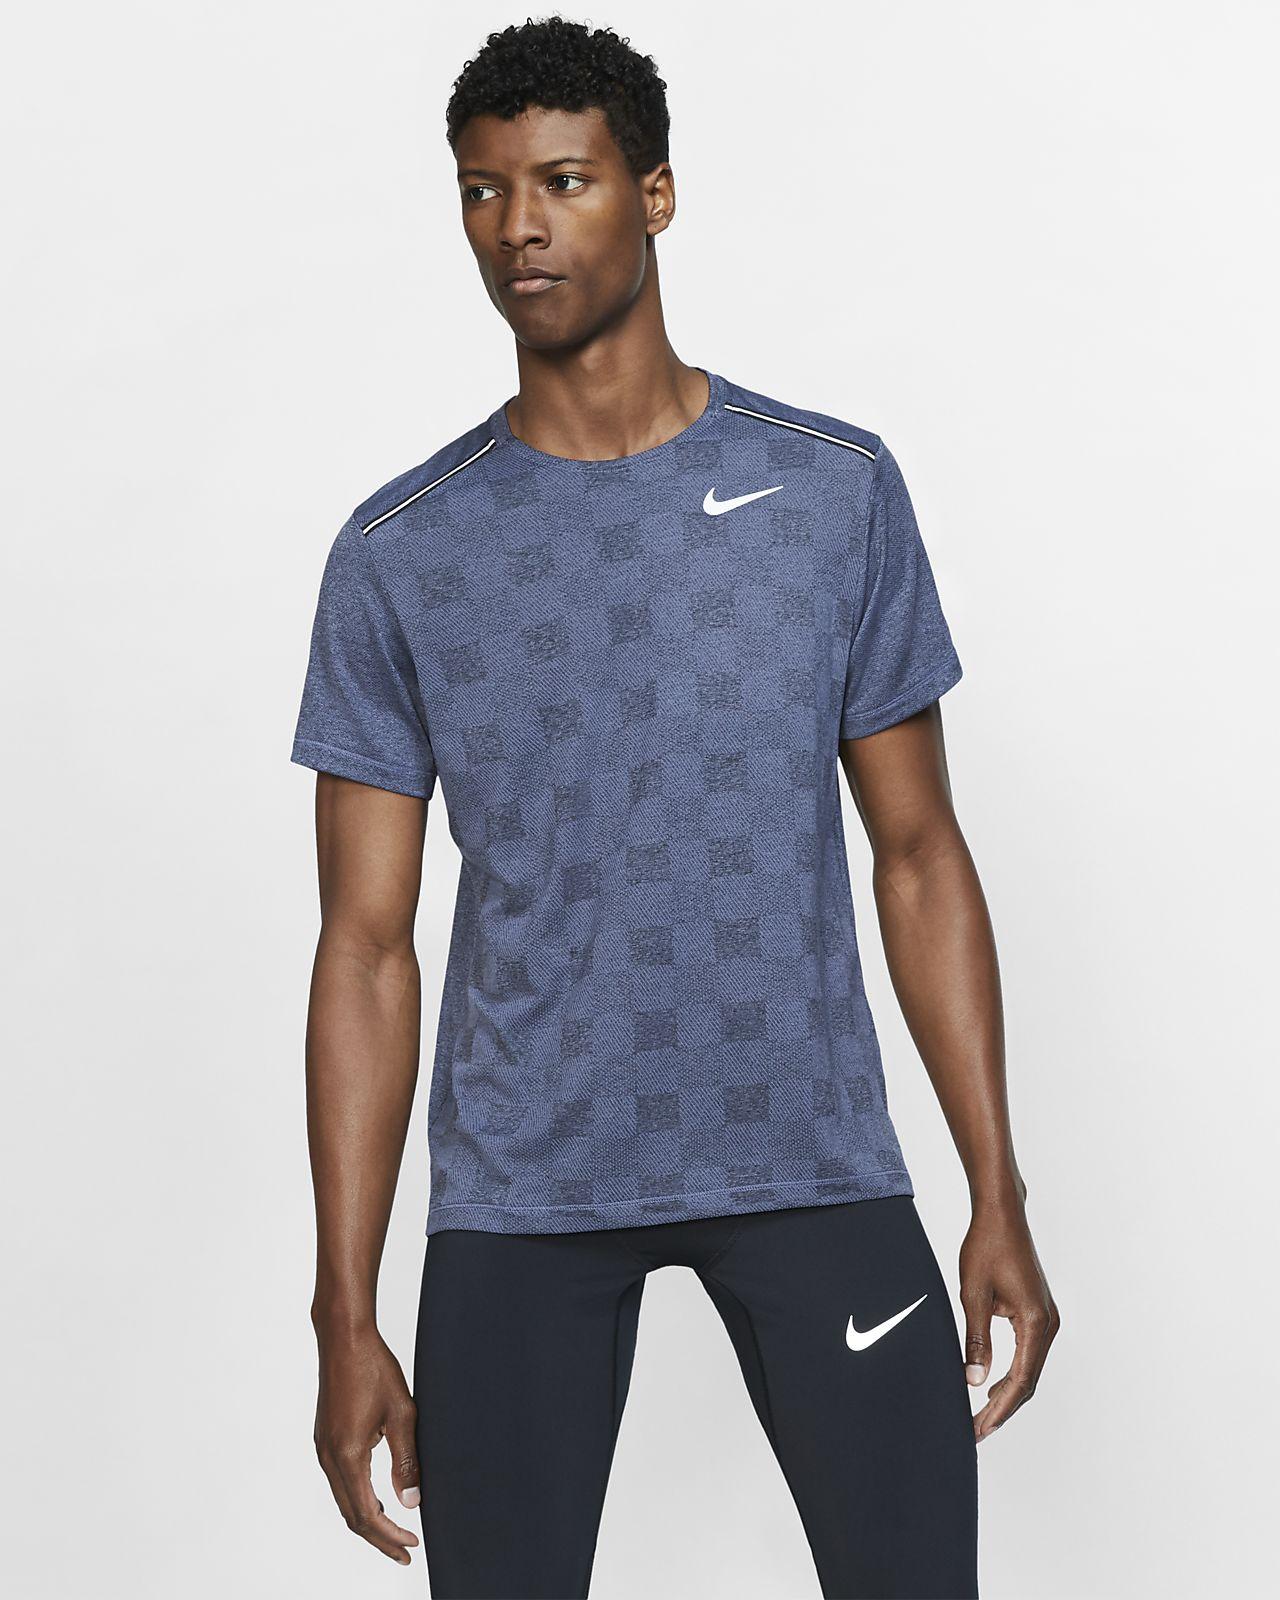 Damska koszulka z krótkim rękawem do biegania Nike Dri FIT